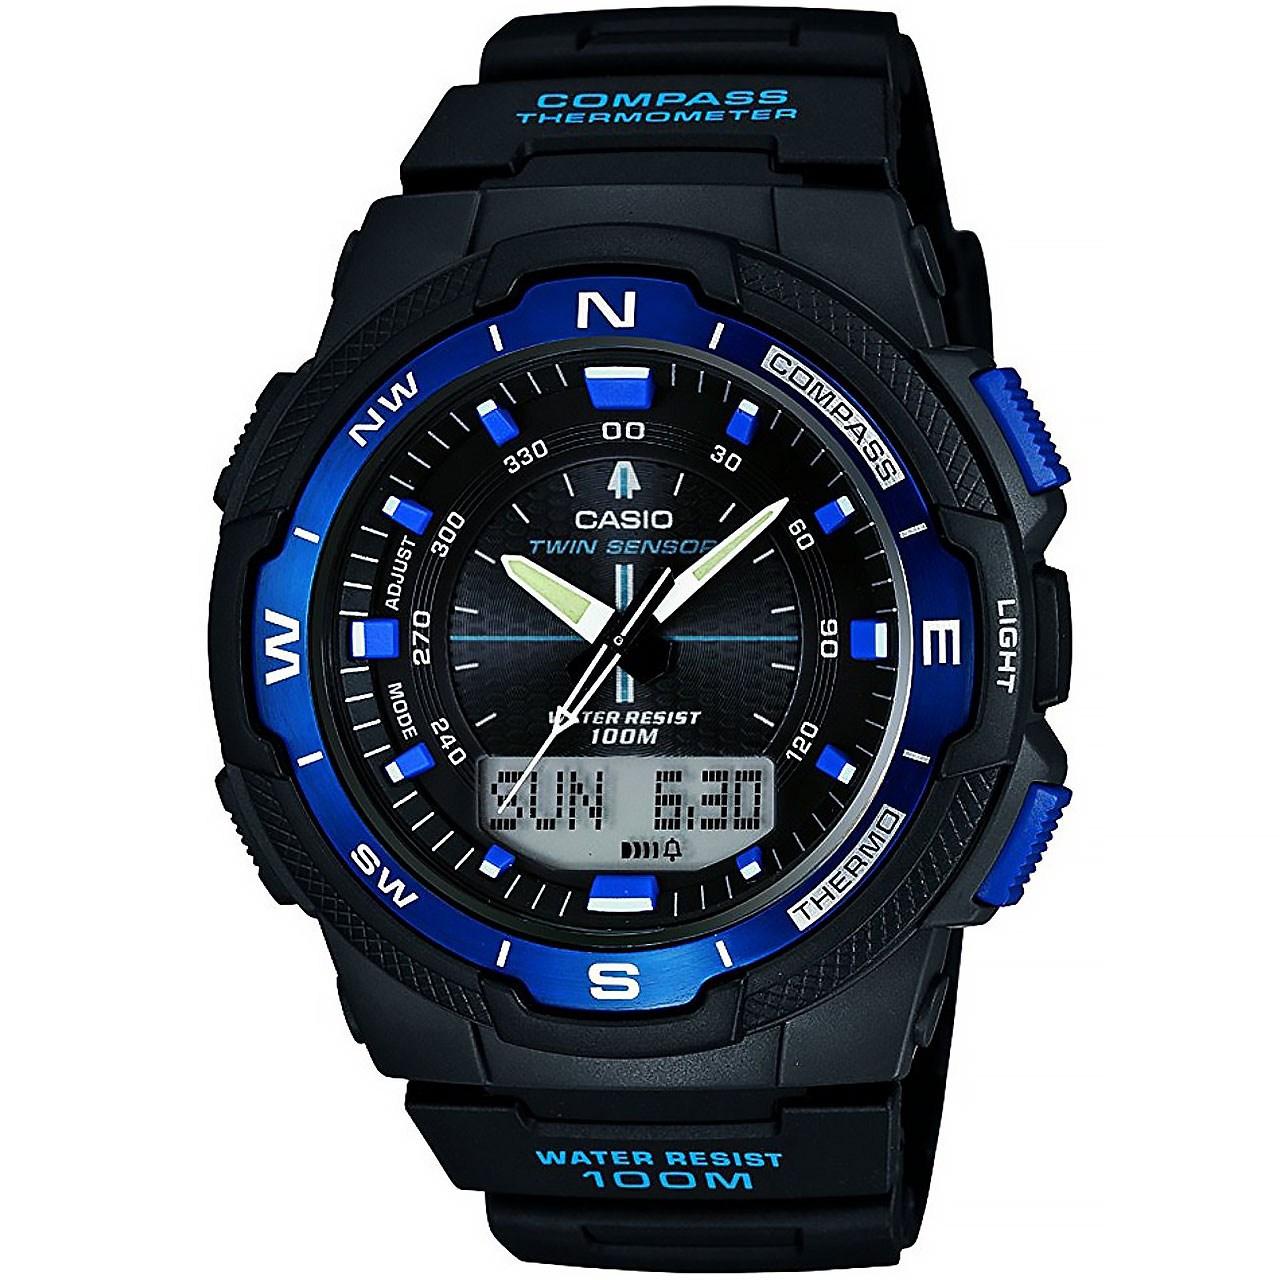 ساعت مچی عقربه ای مردانه کاسیو مدل SGW-500H-2BVDR